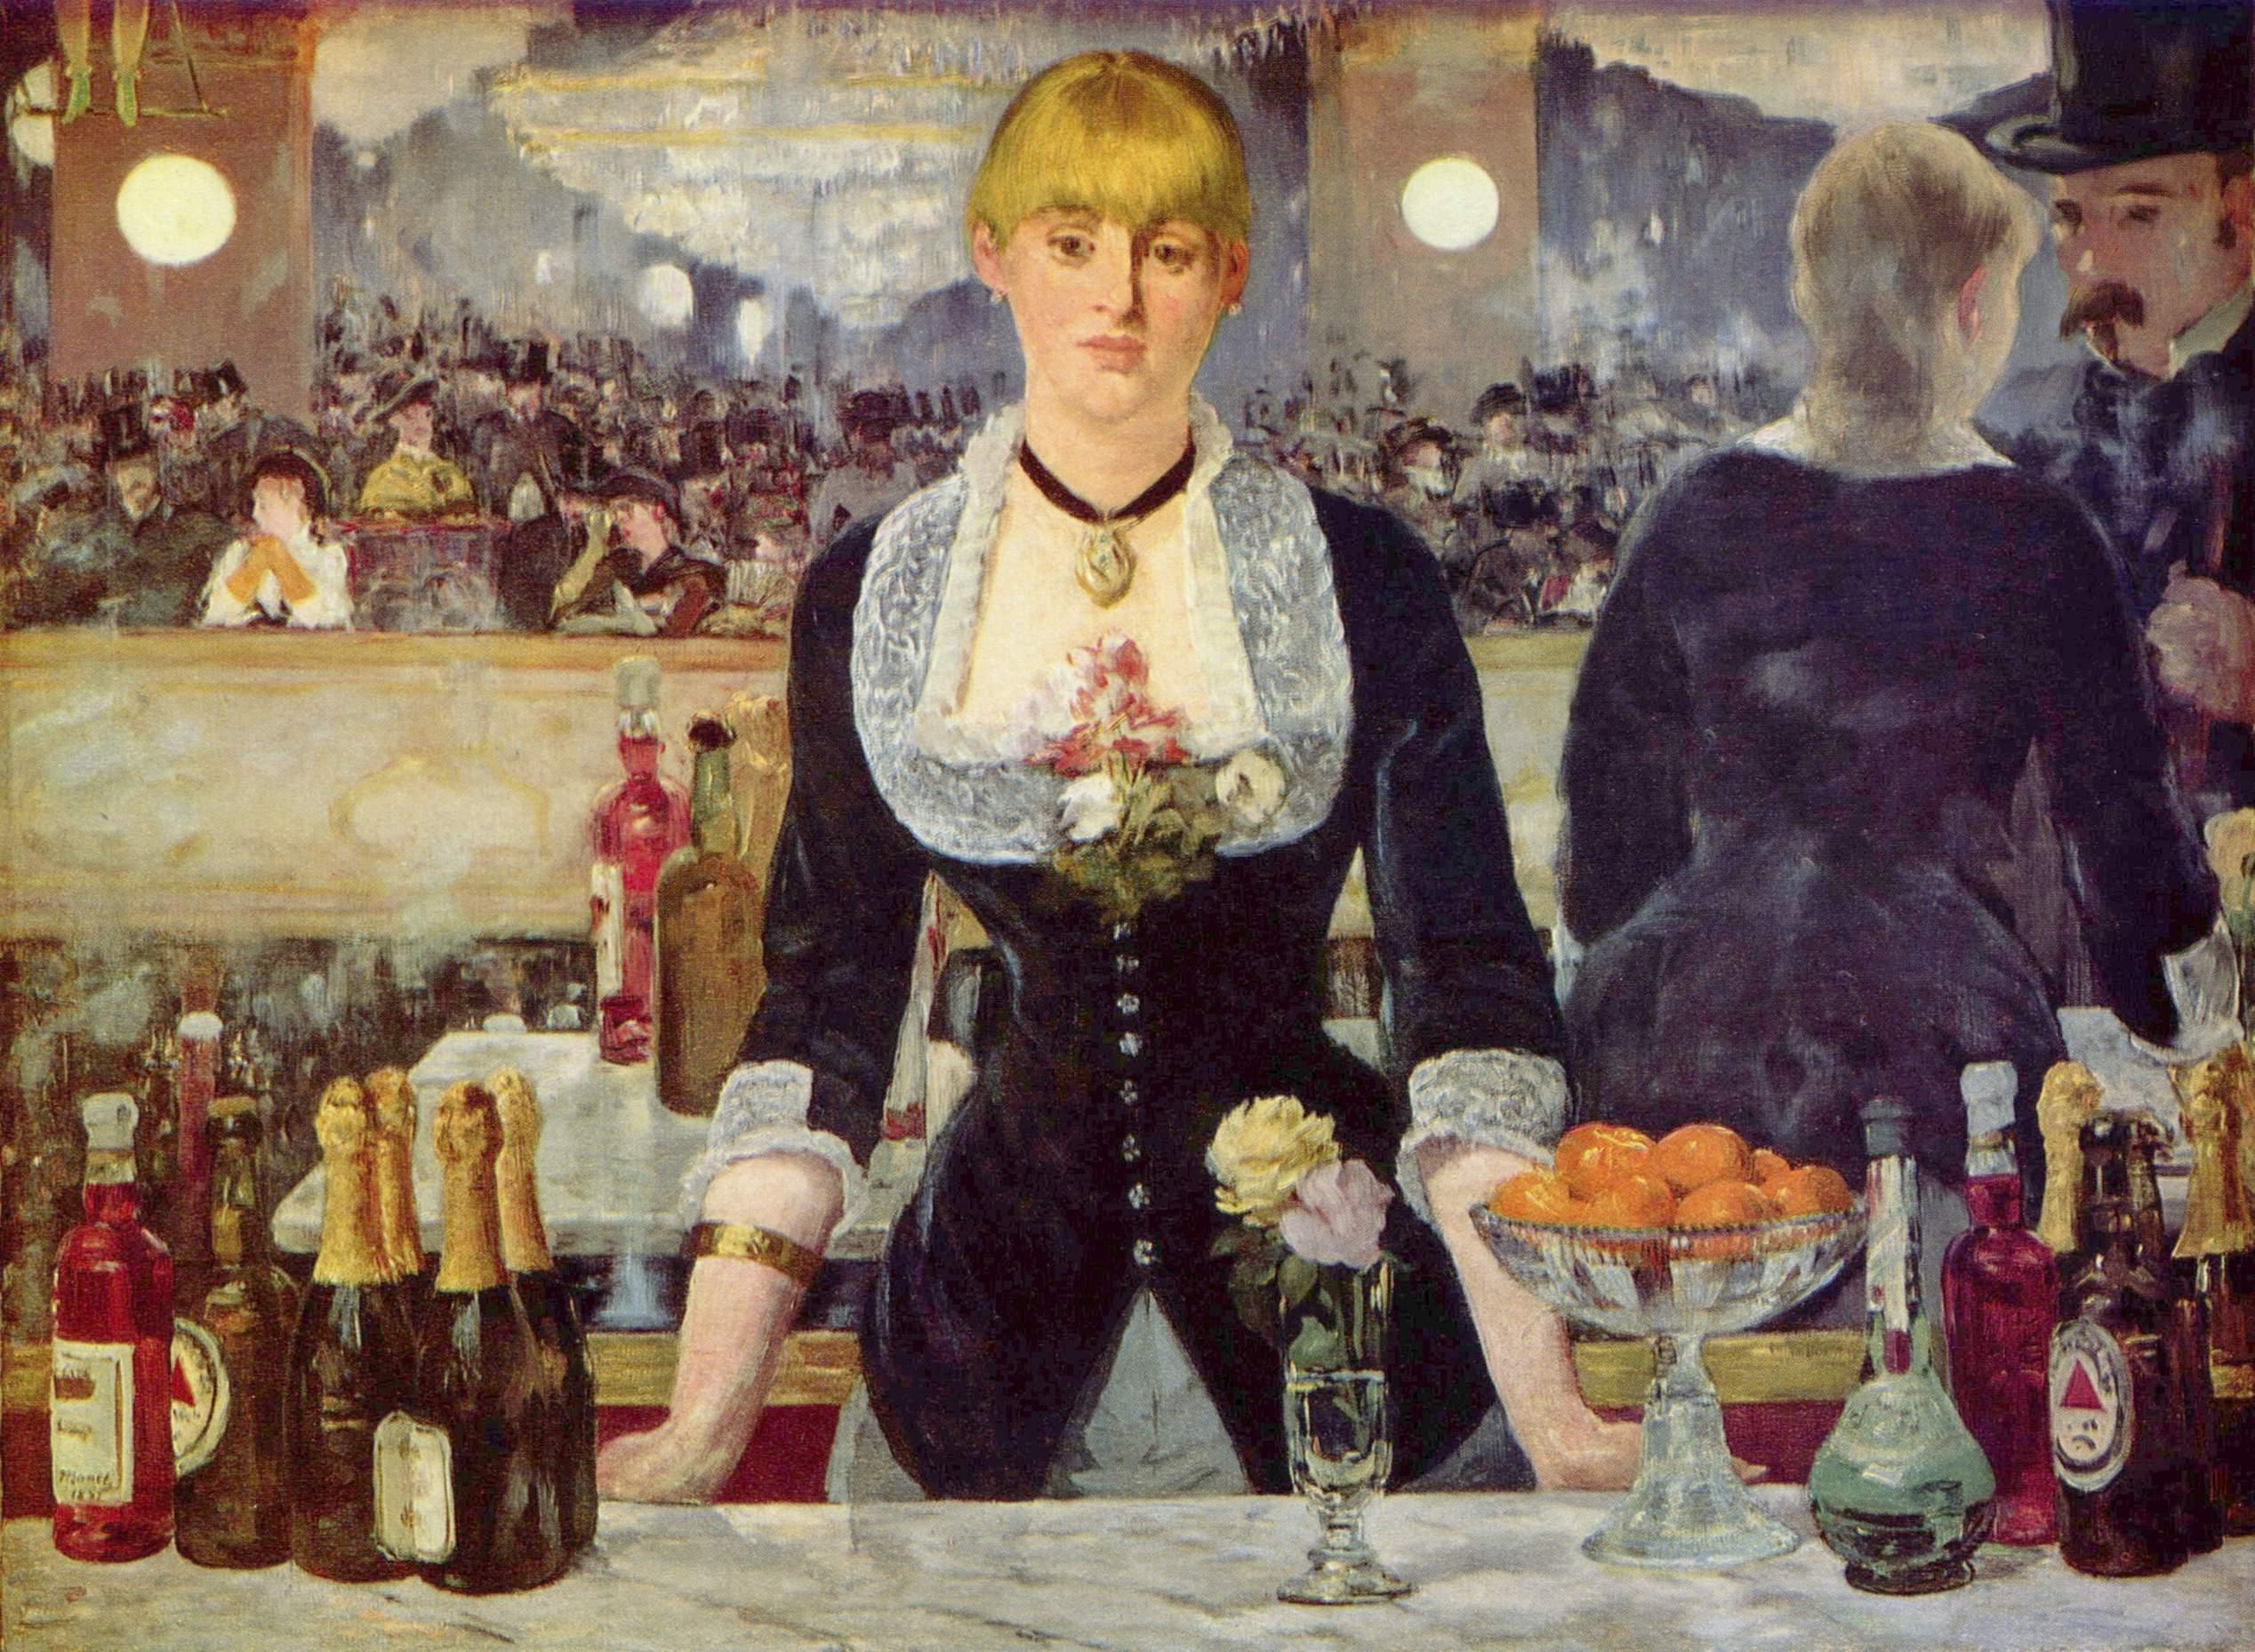 Il bar delle Folies Bergère, Edouard Manet